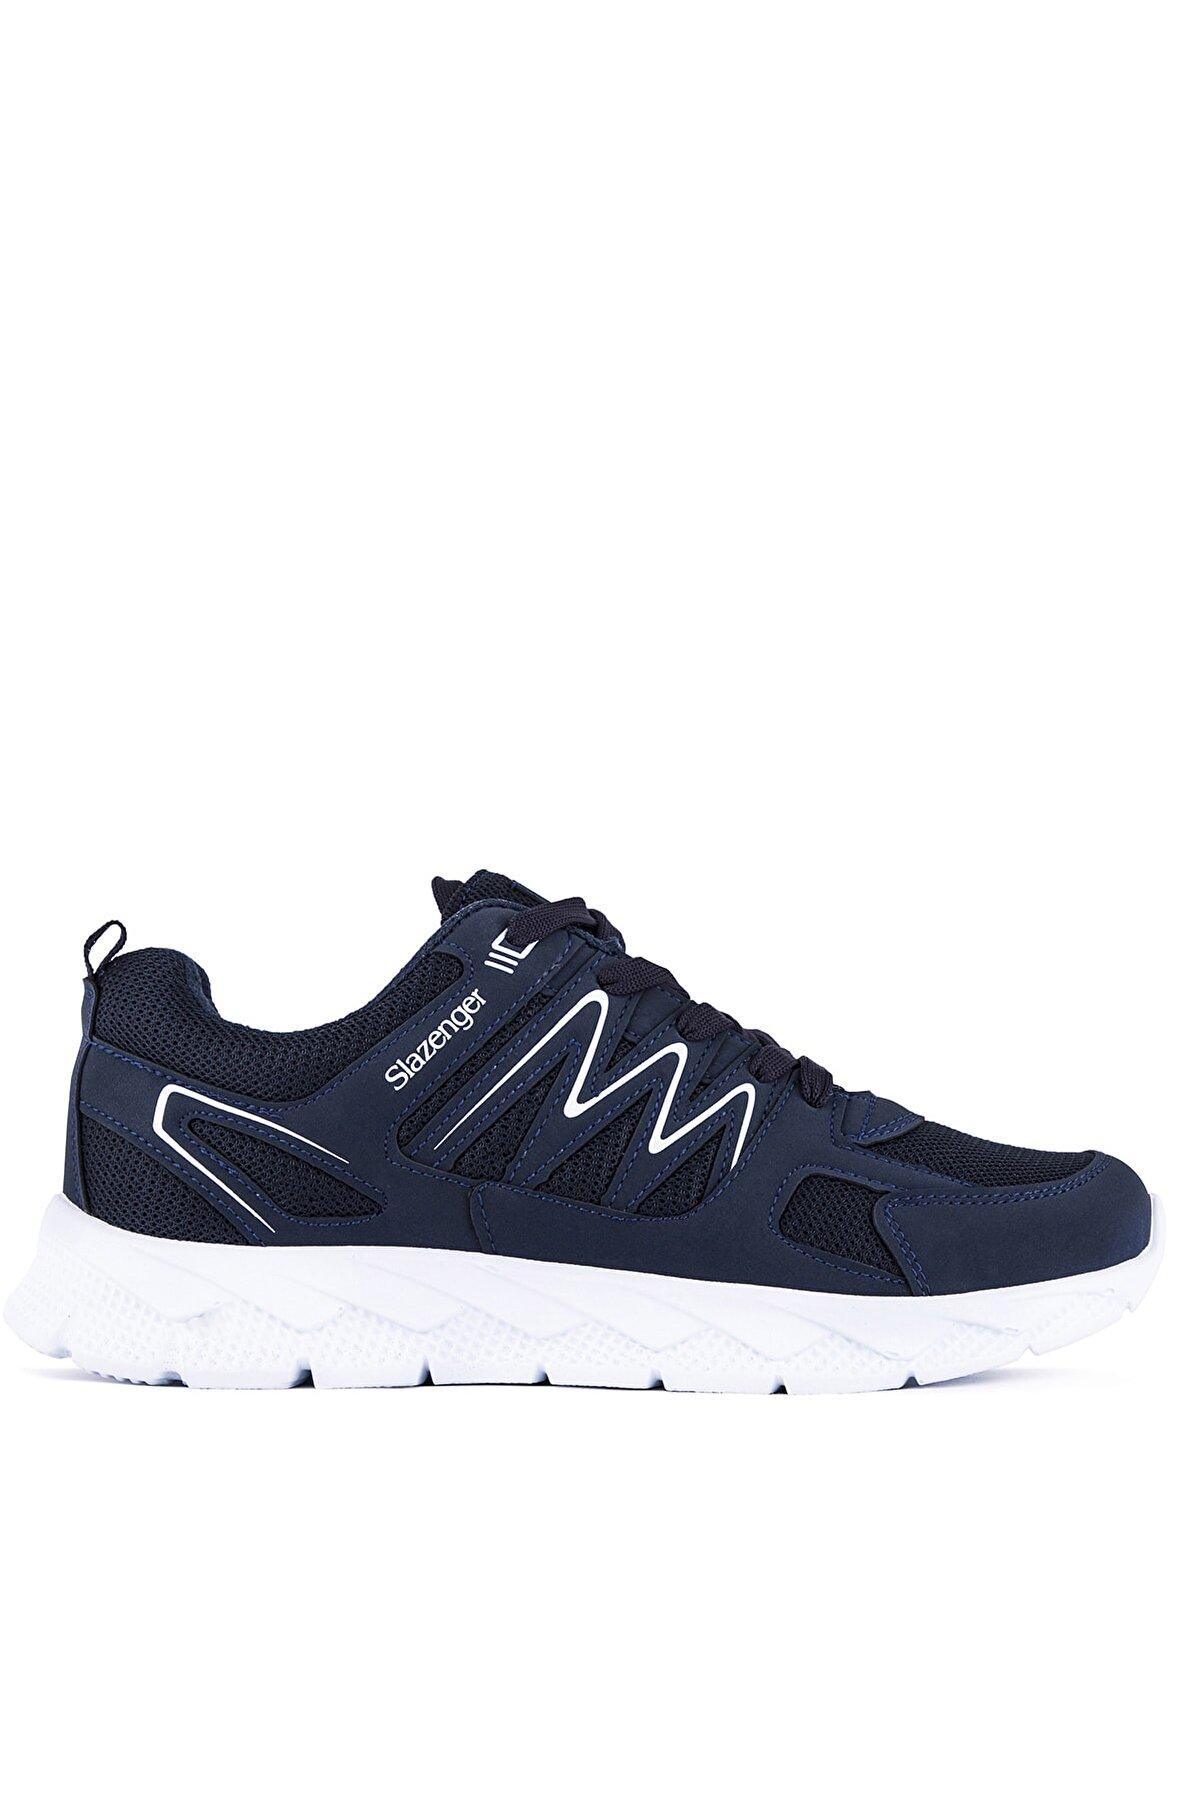 Slazenger Krom Sneaker Unisex Ayakkabı Lacivert Sa11re240